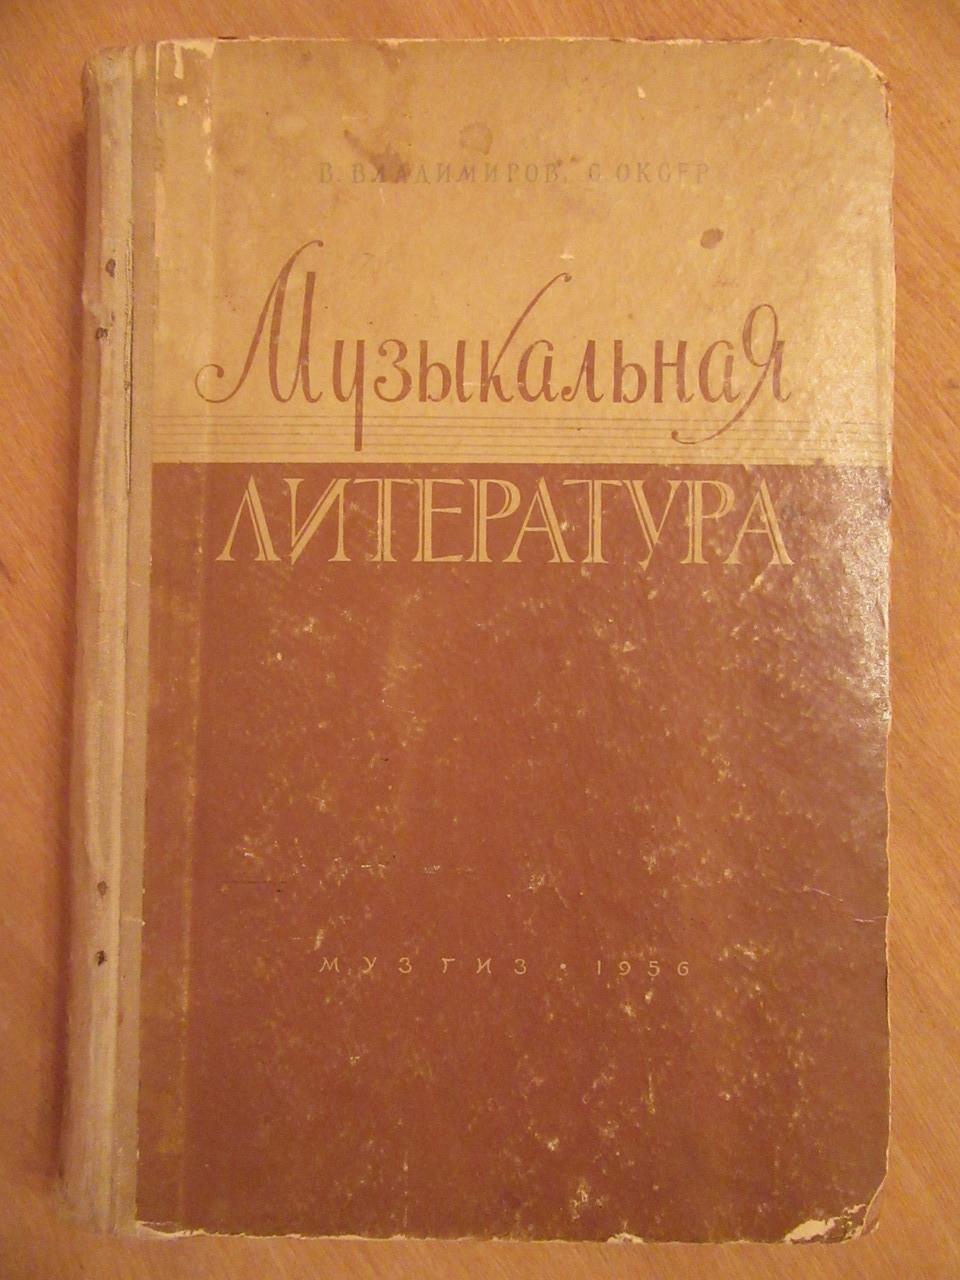 Ст. Владимиров, С. Оксер. Музична література. Випуск 1-й. Музгиз 1956